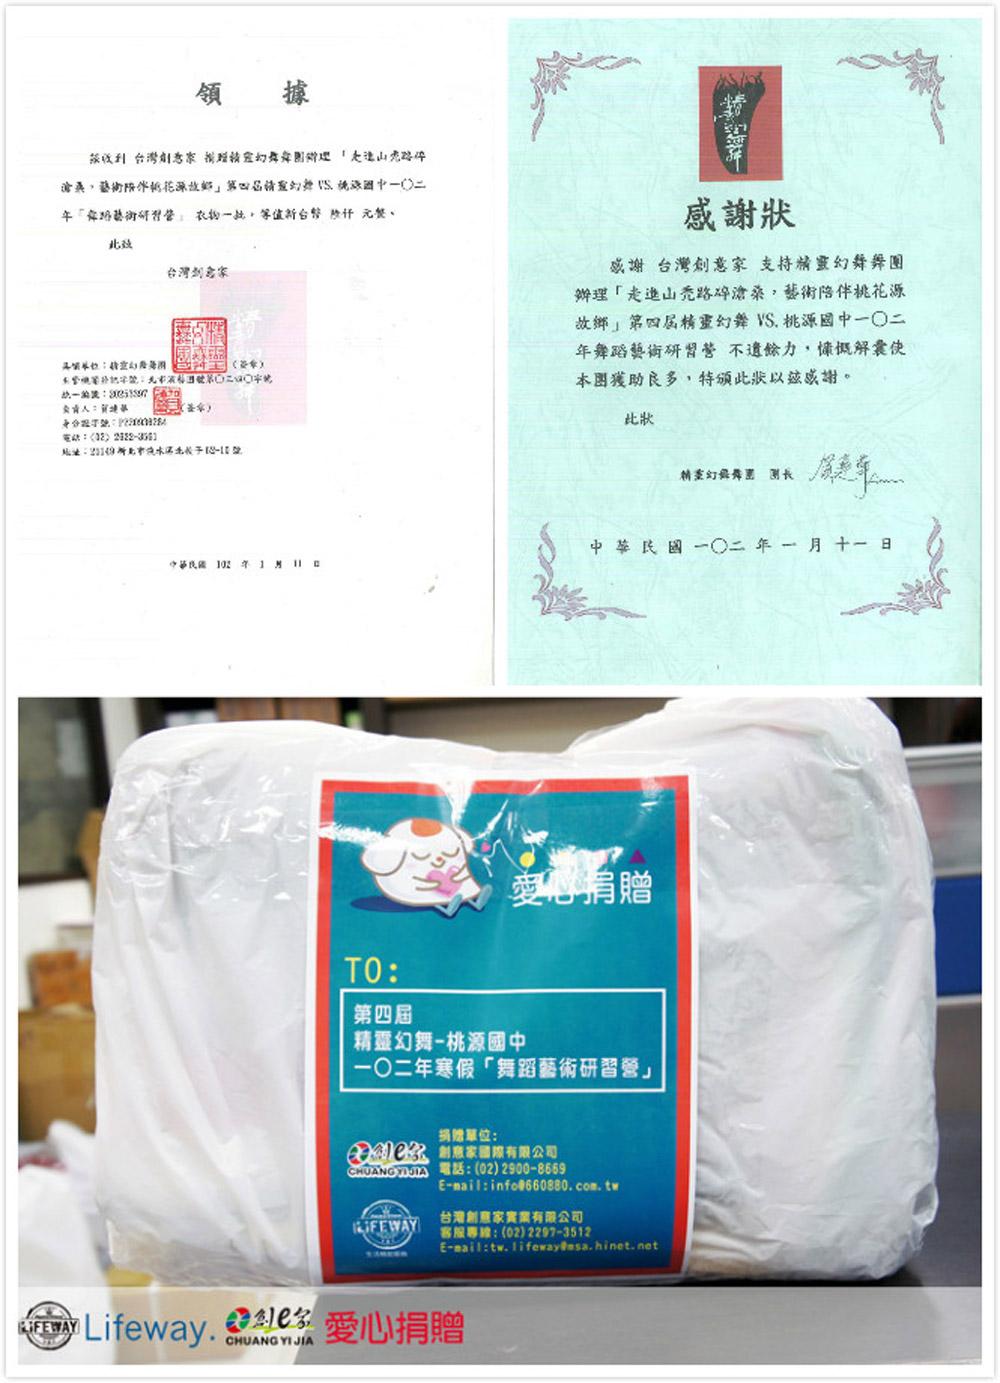 創意家團體服&lifeway機能服飾-把愛送到華山基金會2012『中秋有愛幸福不老』